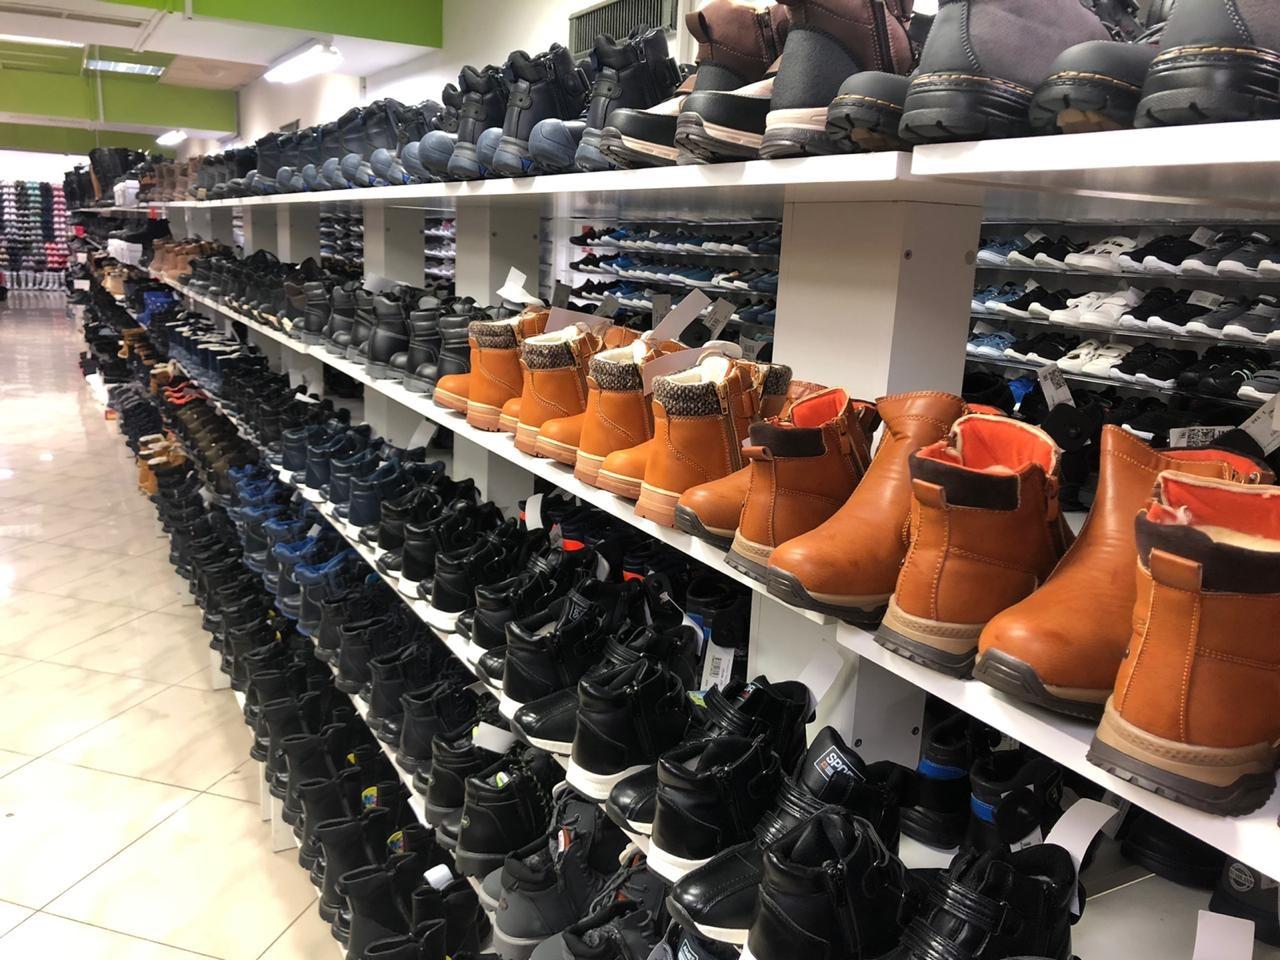 В Калининграде таможенники арестовали 296 пар обуви в одном из торговых центров